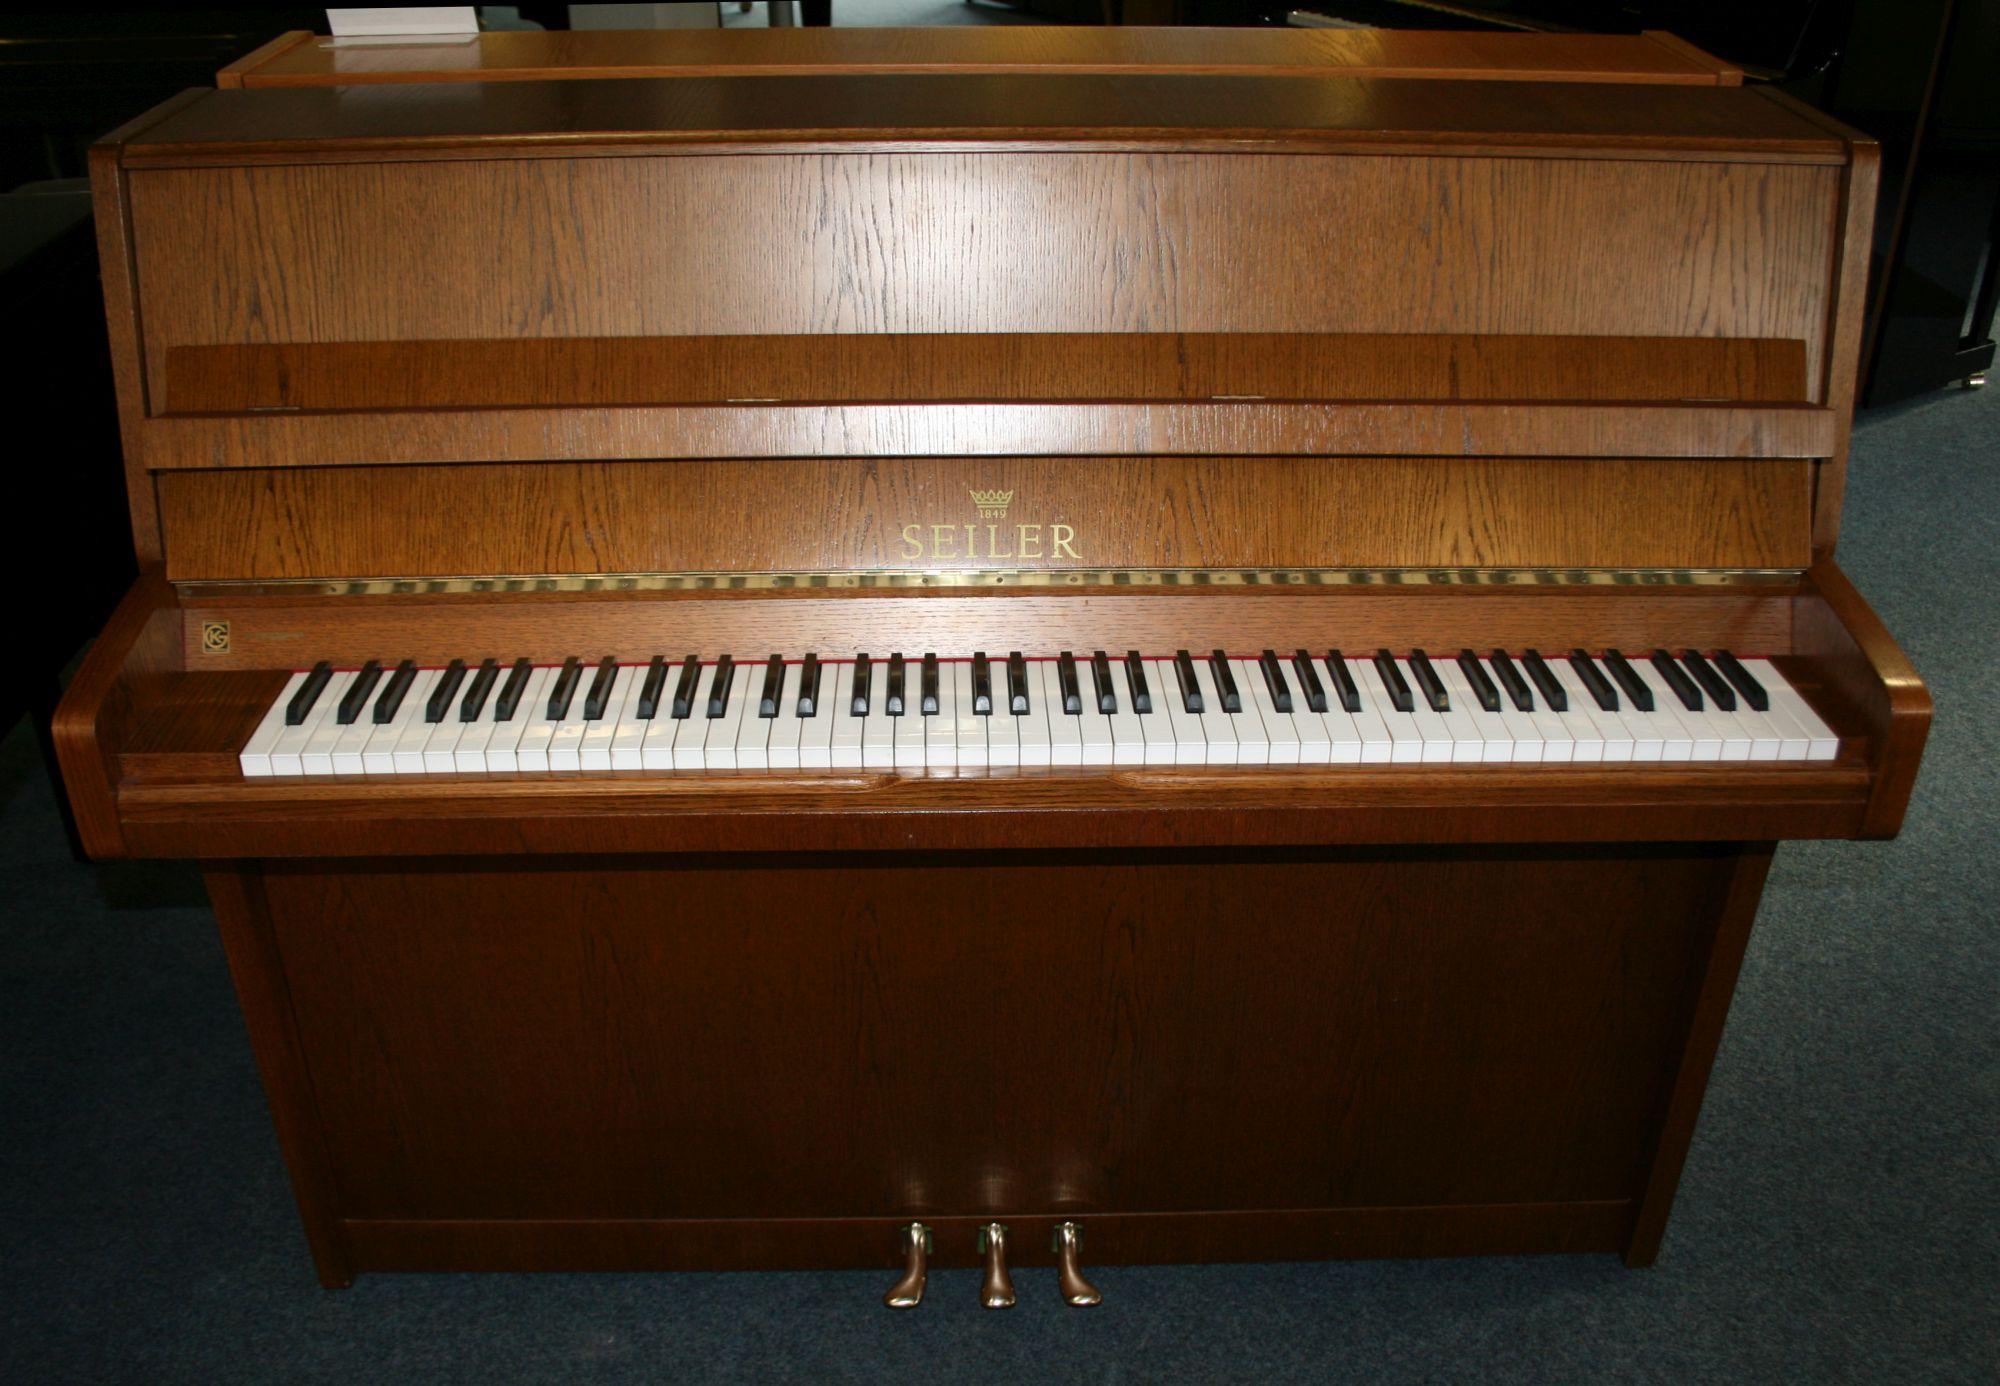 seiler klavier modell favorit 116 ebay. Black Bedroom Furniture Sets. Home Design Ideas